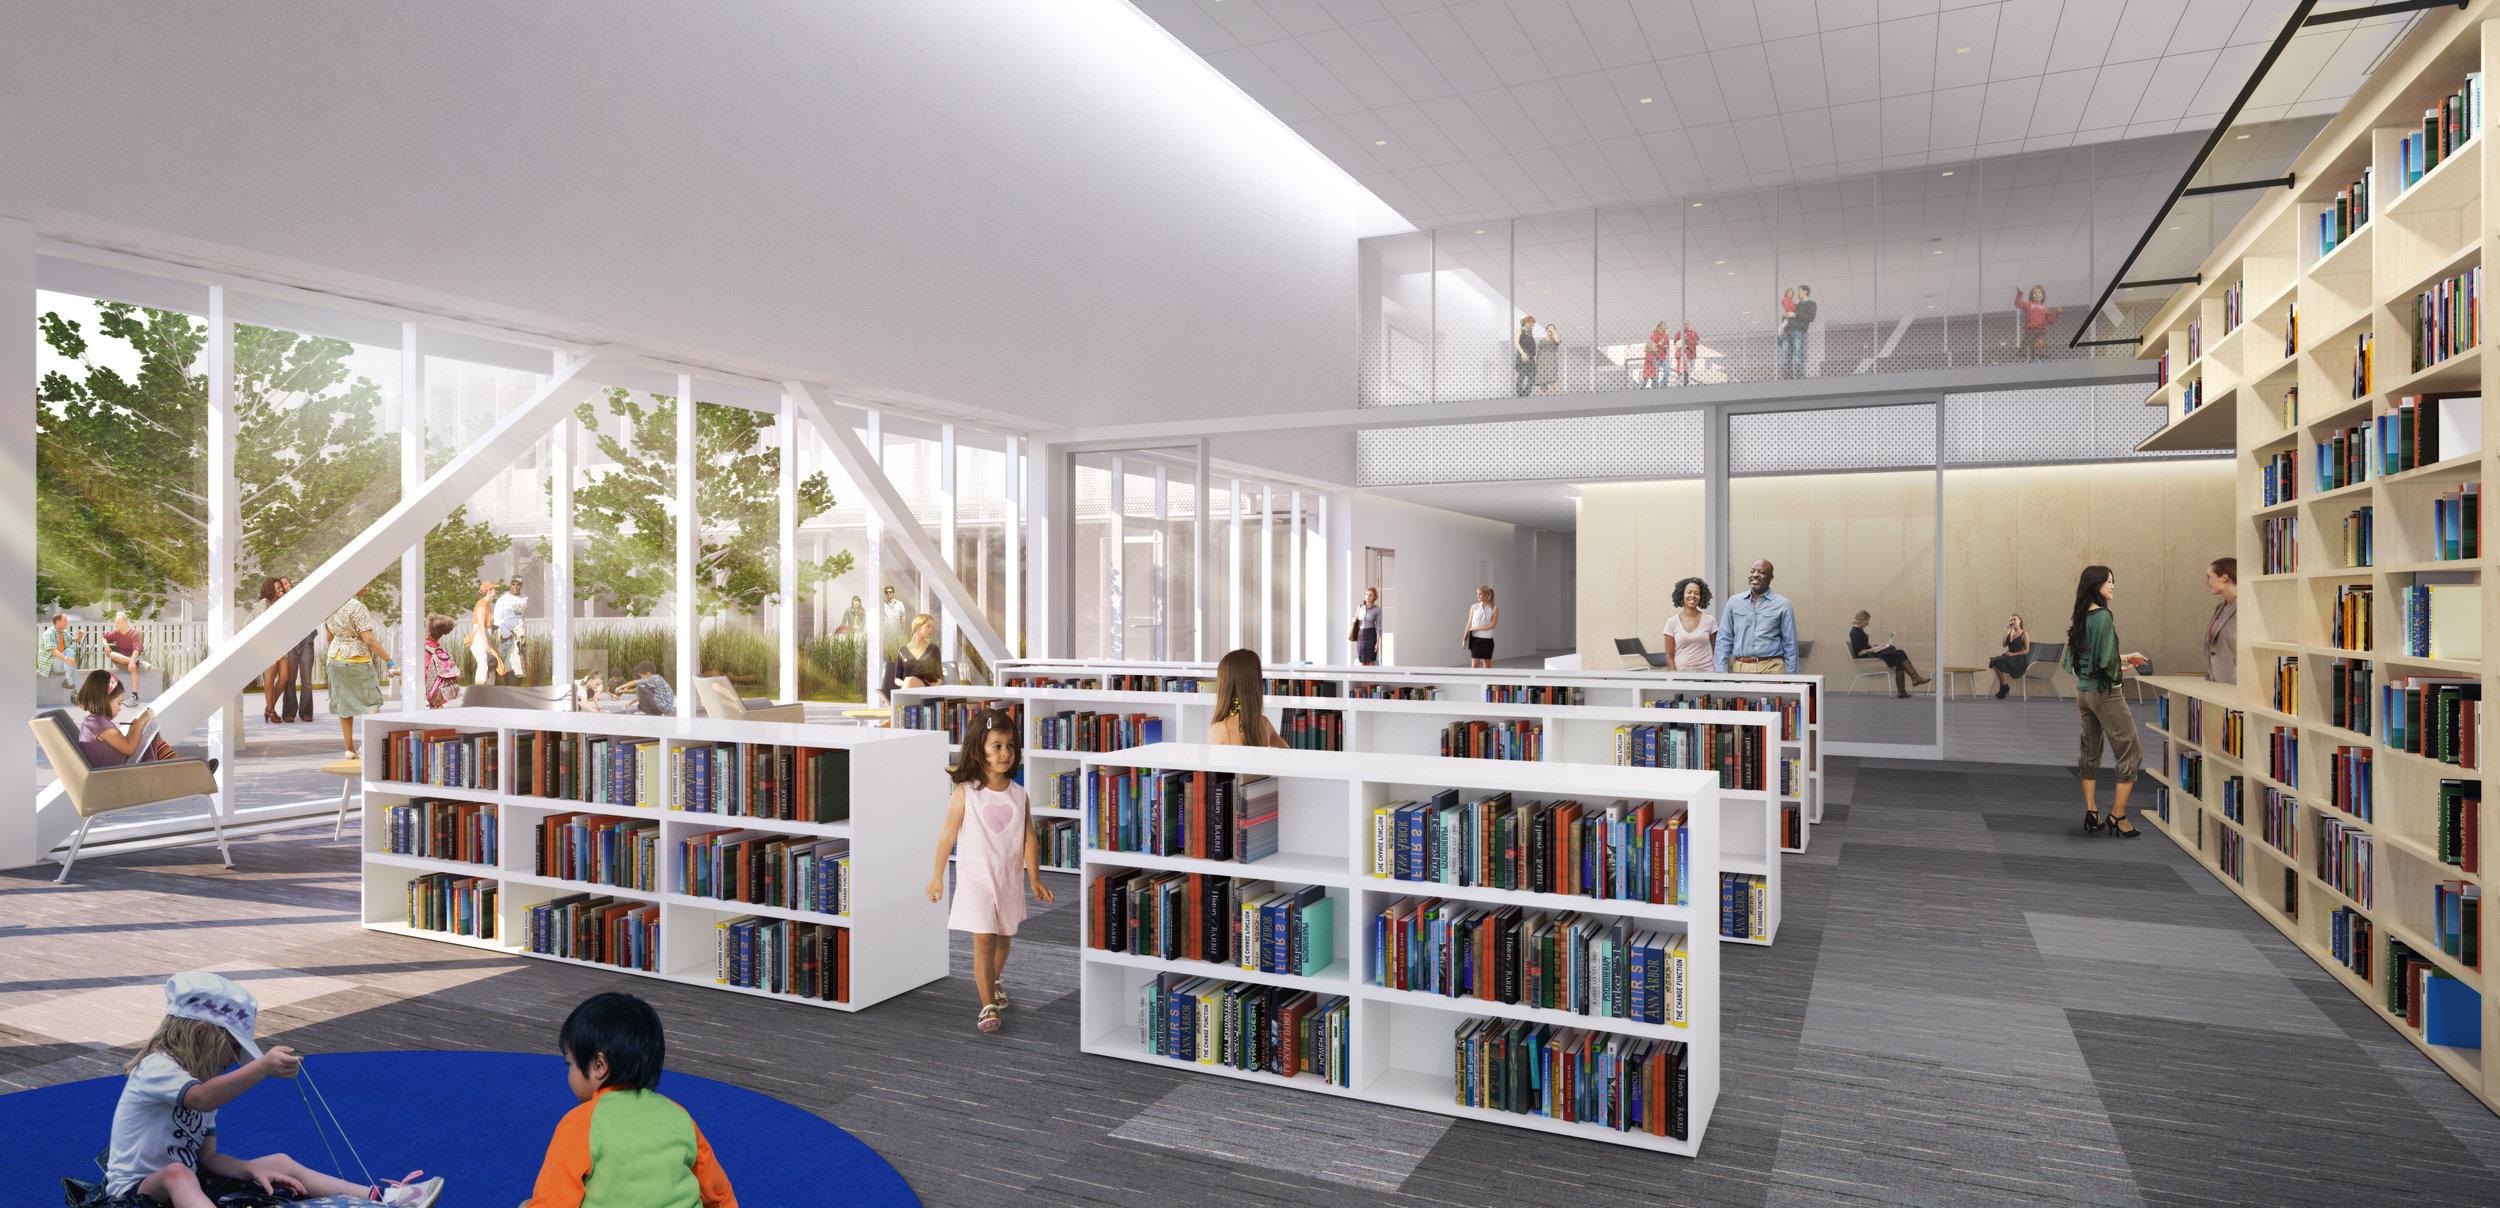 02_Library Rendering.jpg